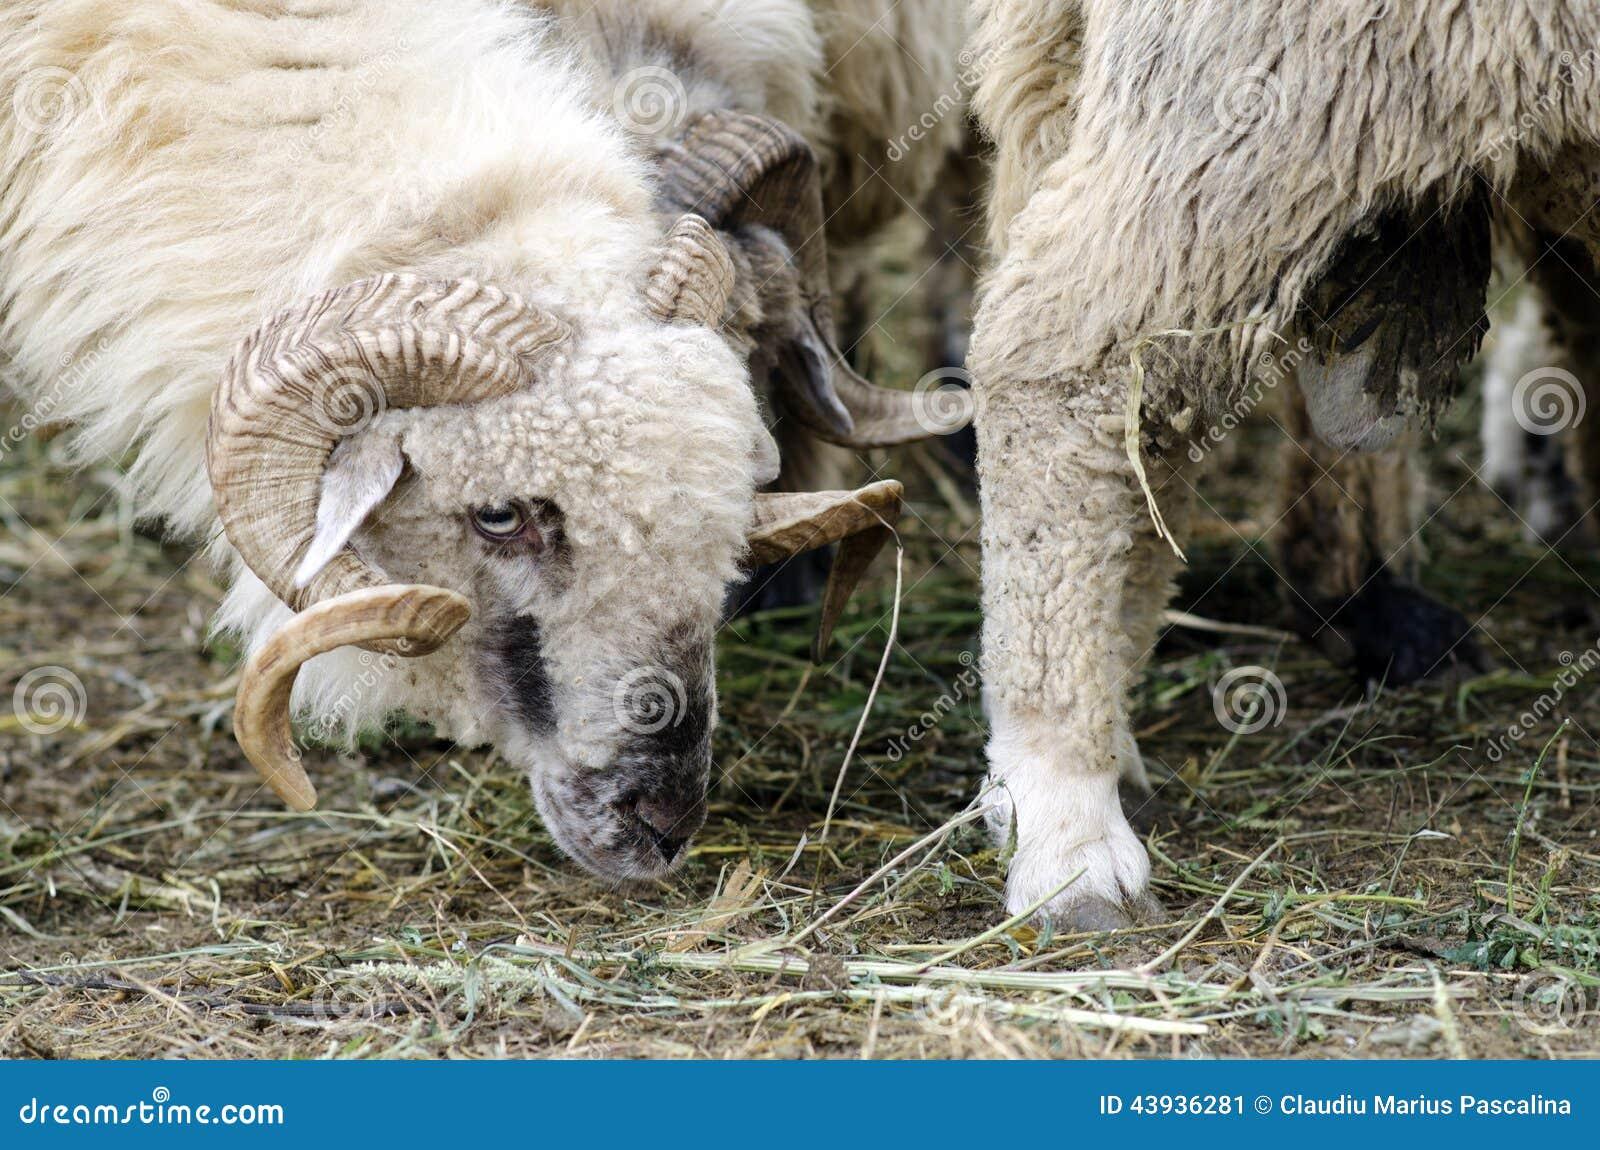 Male sheep stock image. Image of ovine, animal, nature